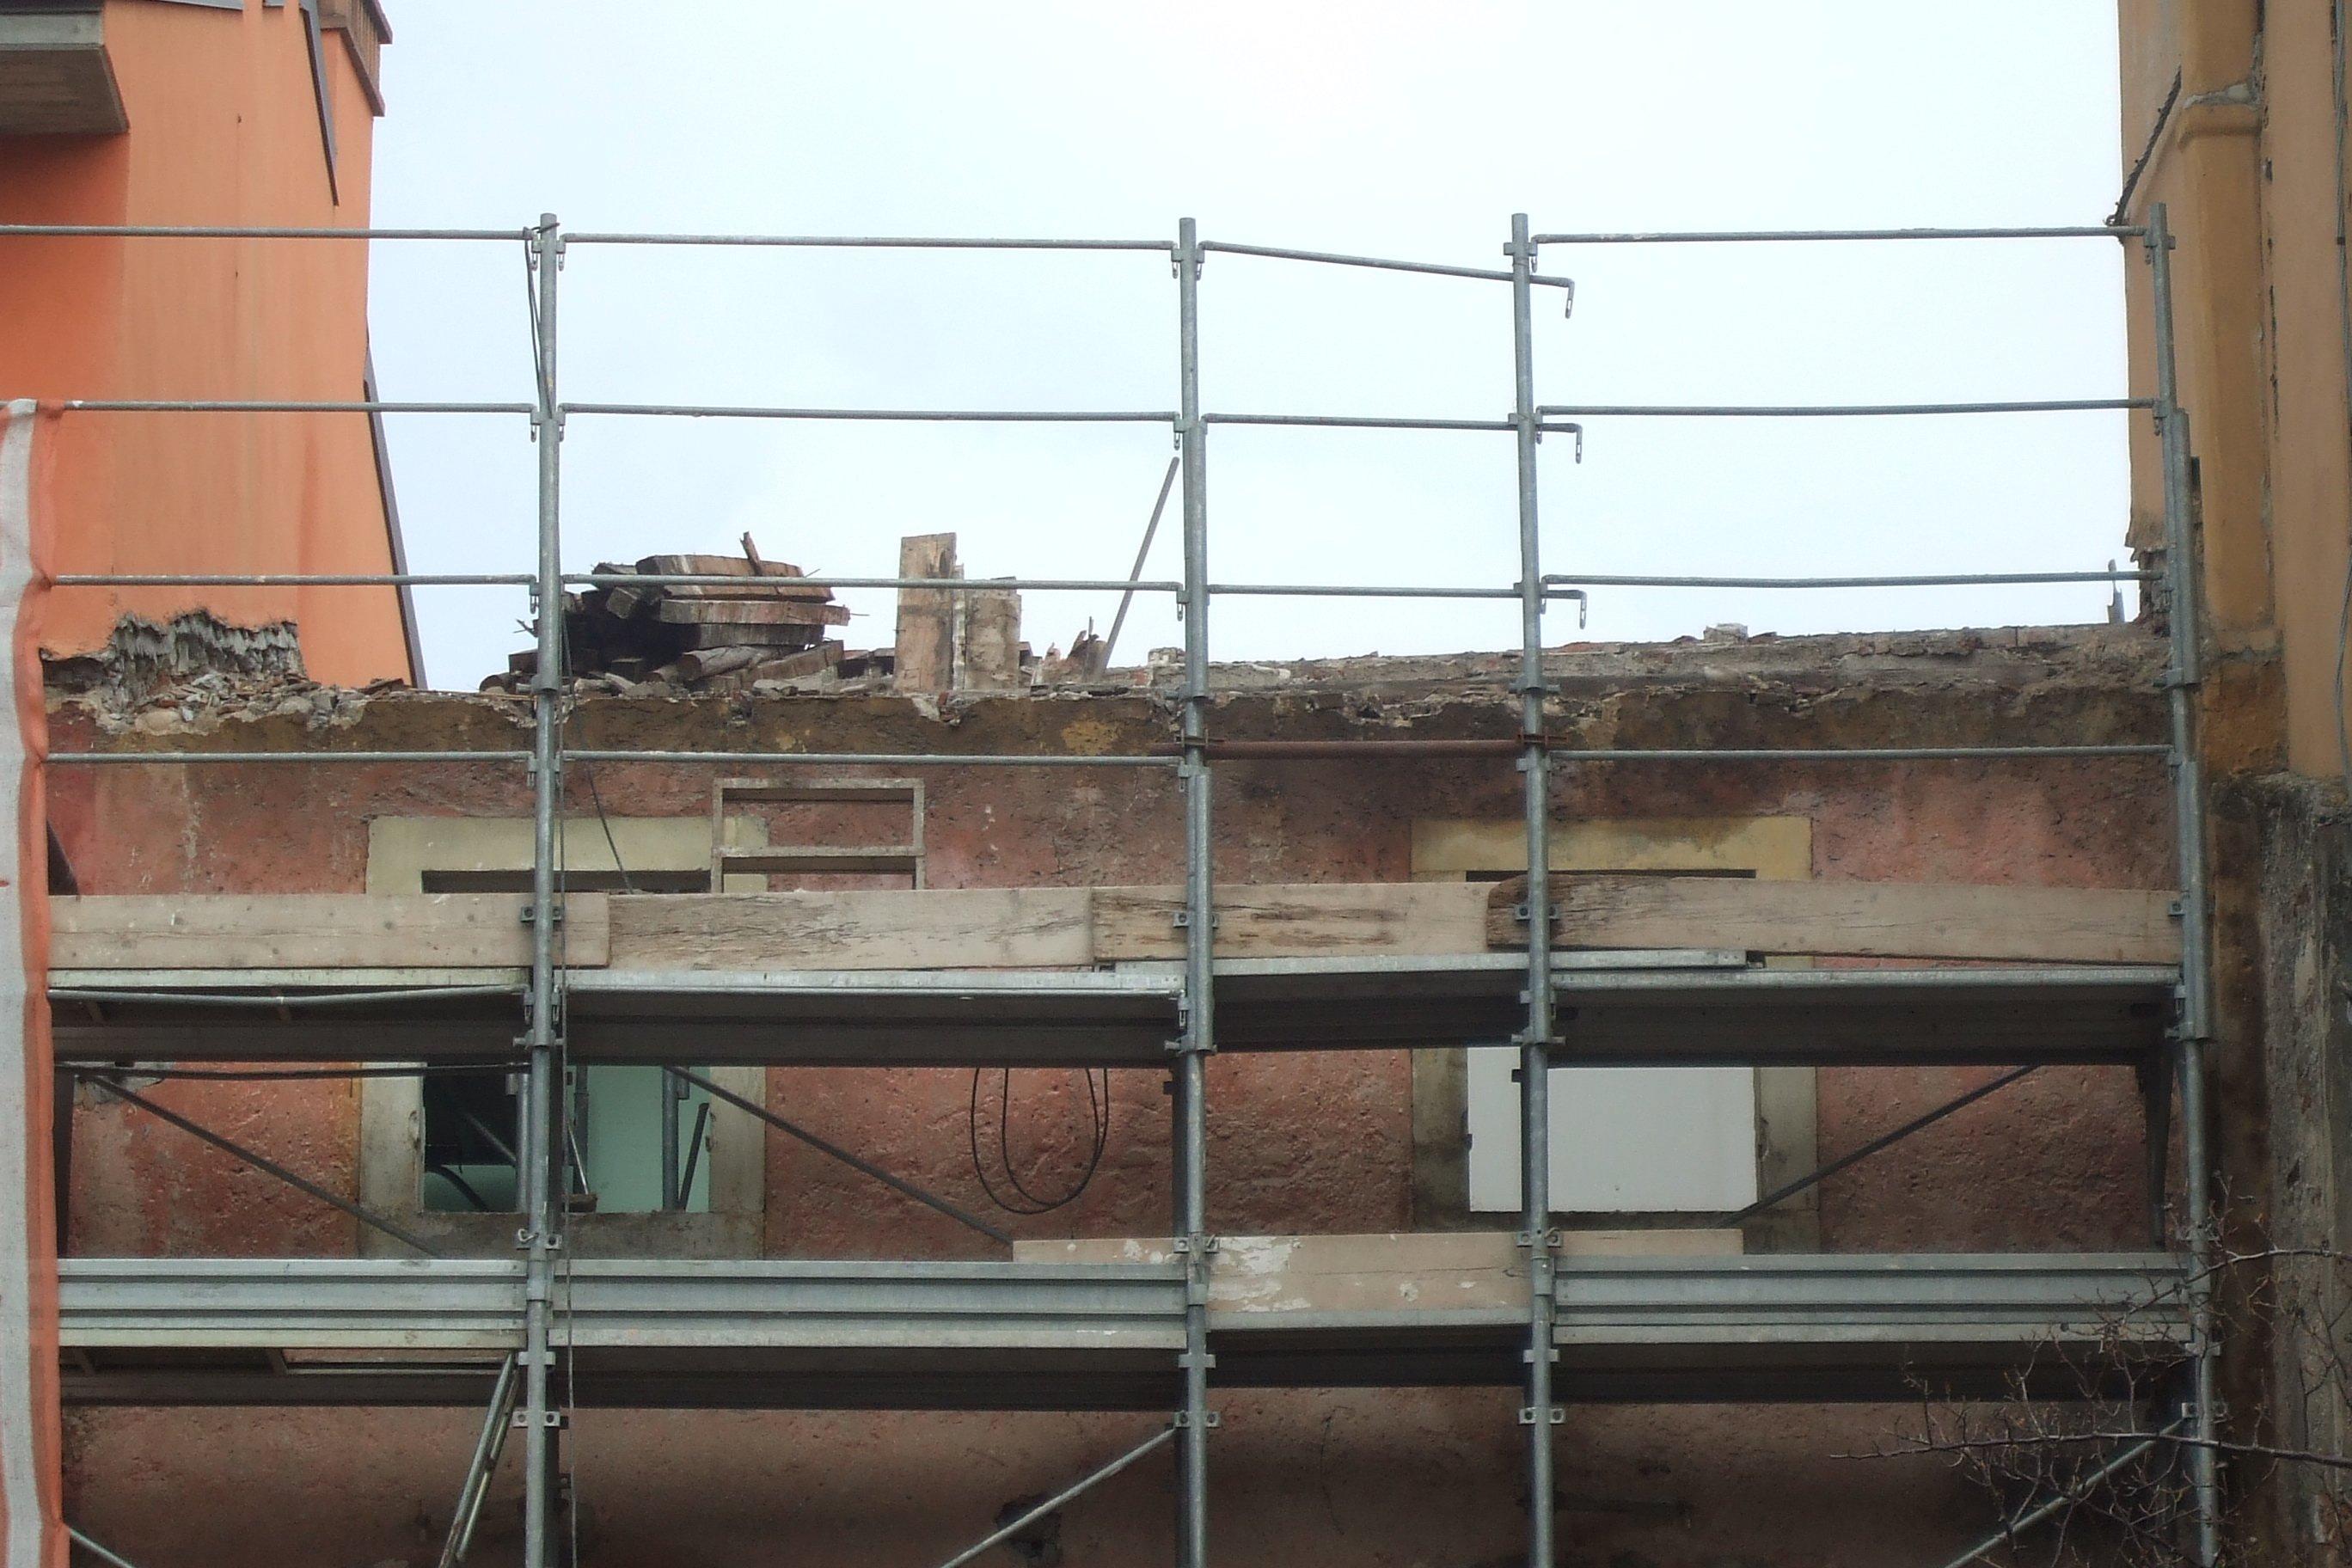 Inizio lavori di ristrutturazione su edificio obsoleto